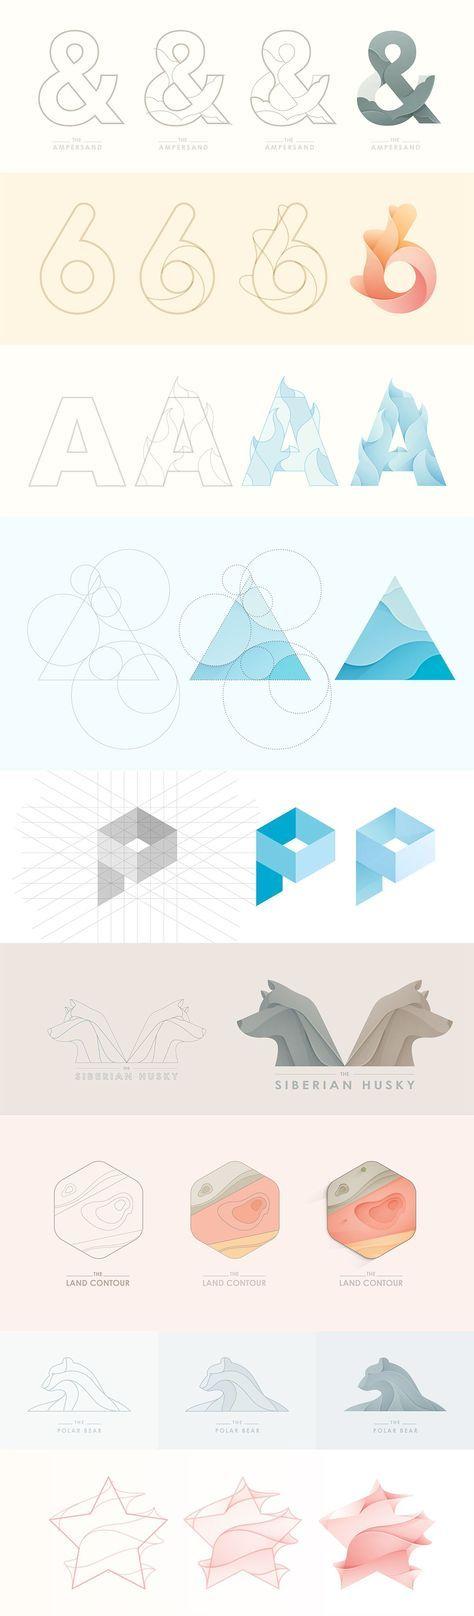 Logo Логотип Объемный логотип построение этапы